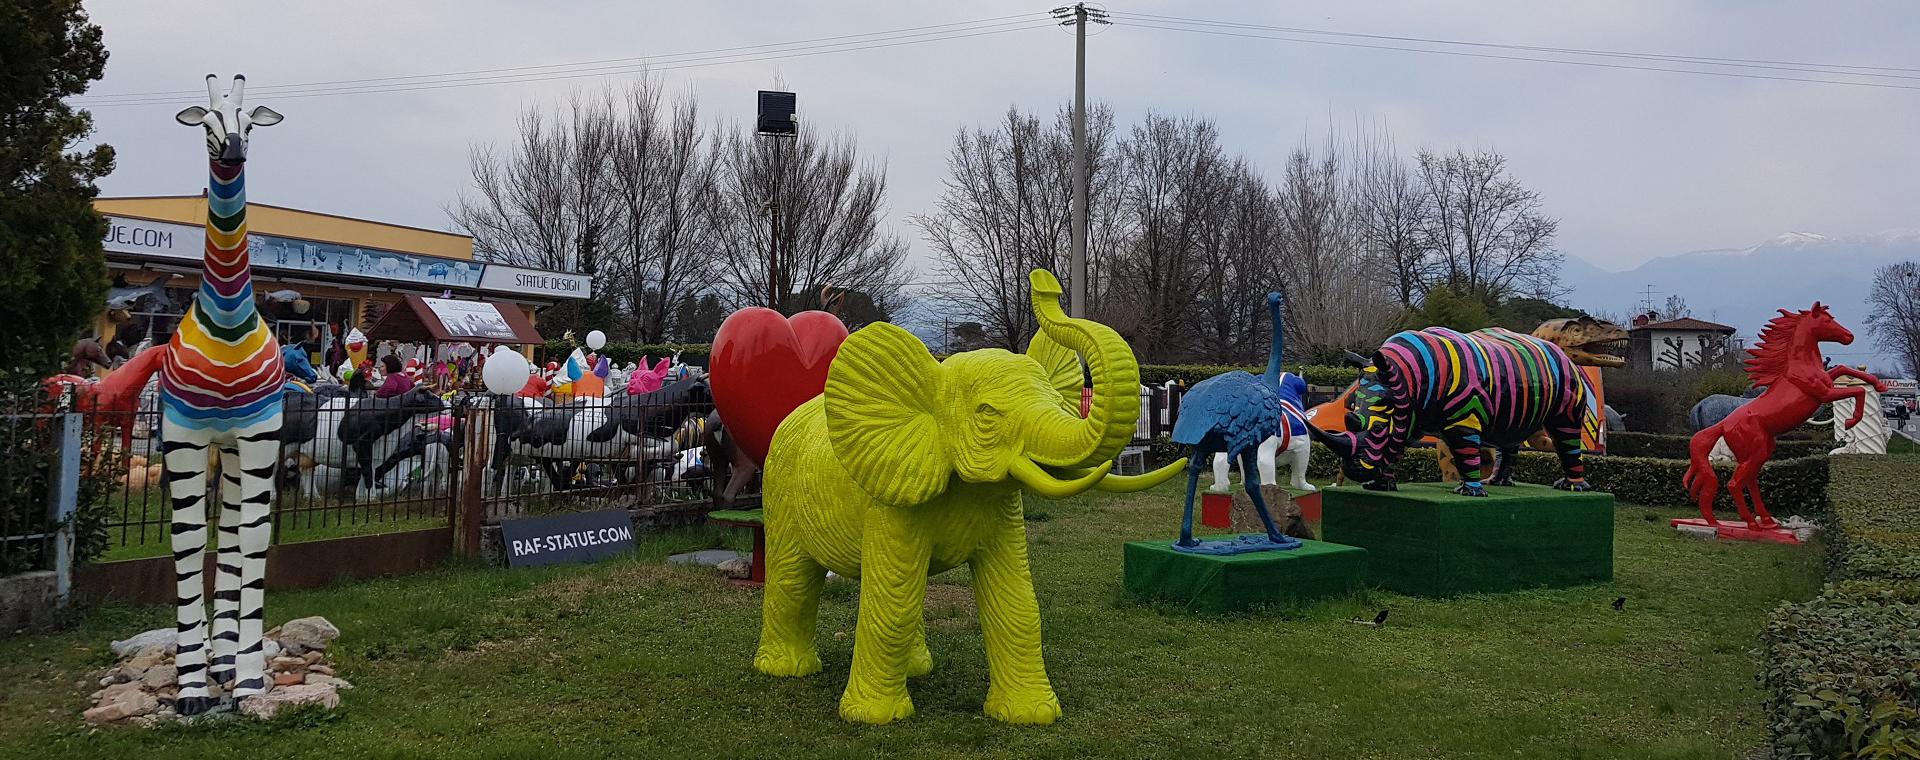 Animali Da Giardino In Plastica.Raf Statue Com Statue In Vetroresina